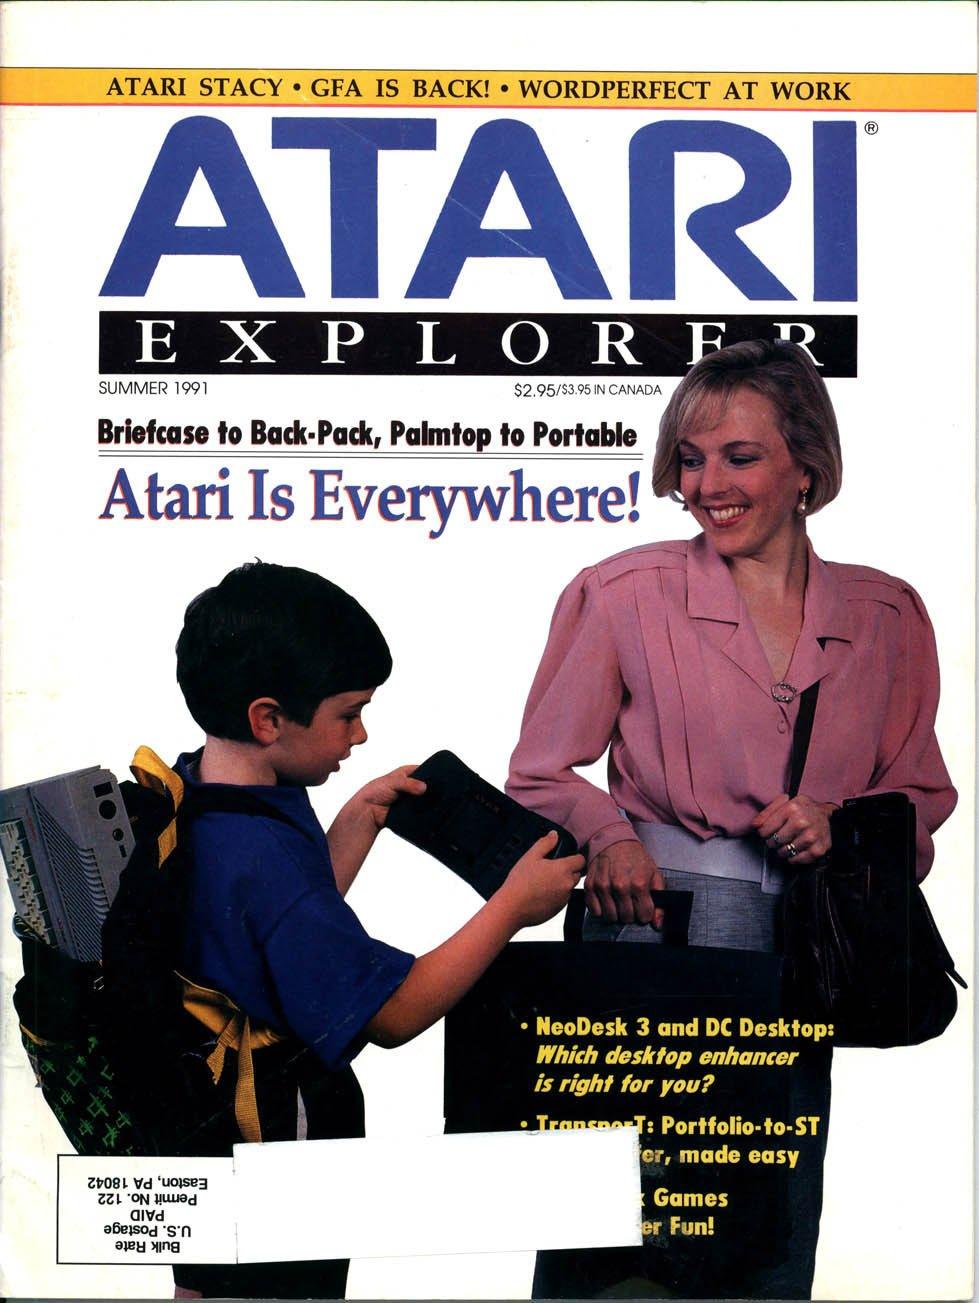 Atari Explorer Issue 28 (Summer 1991)